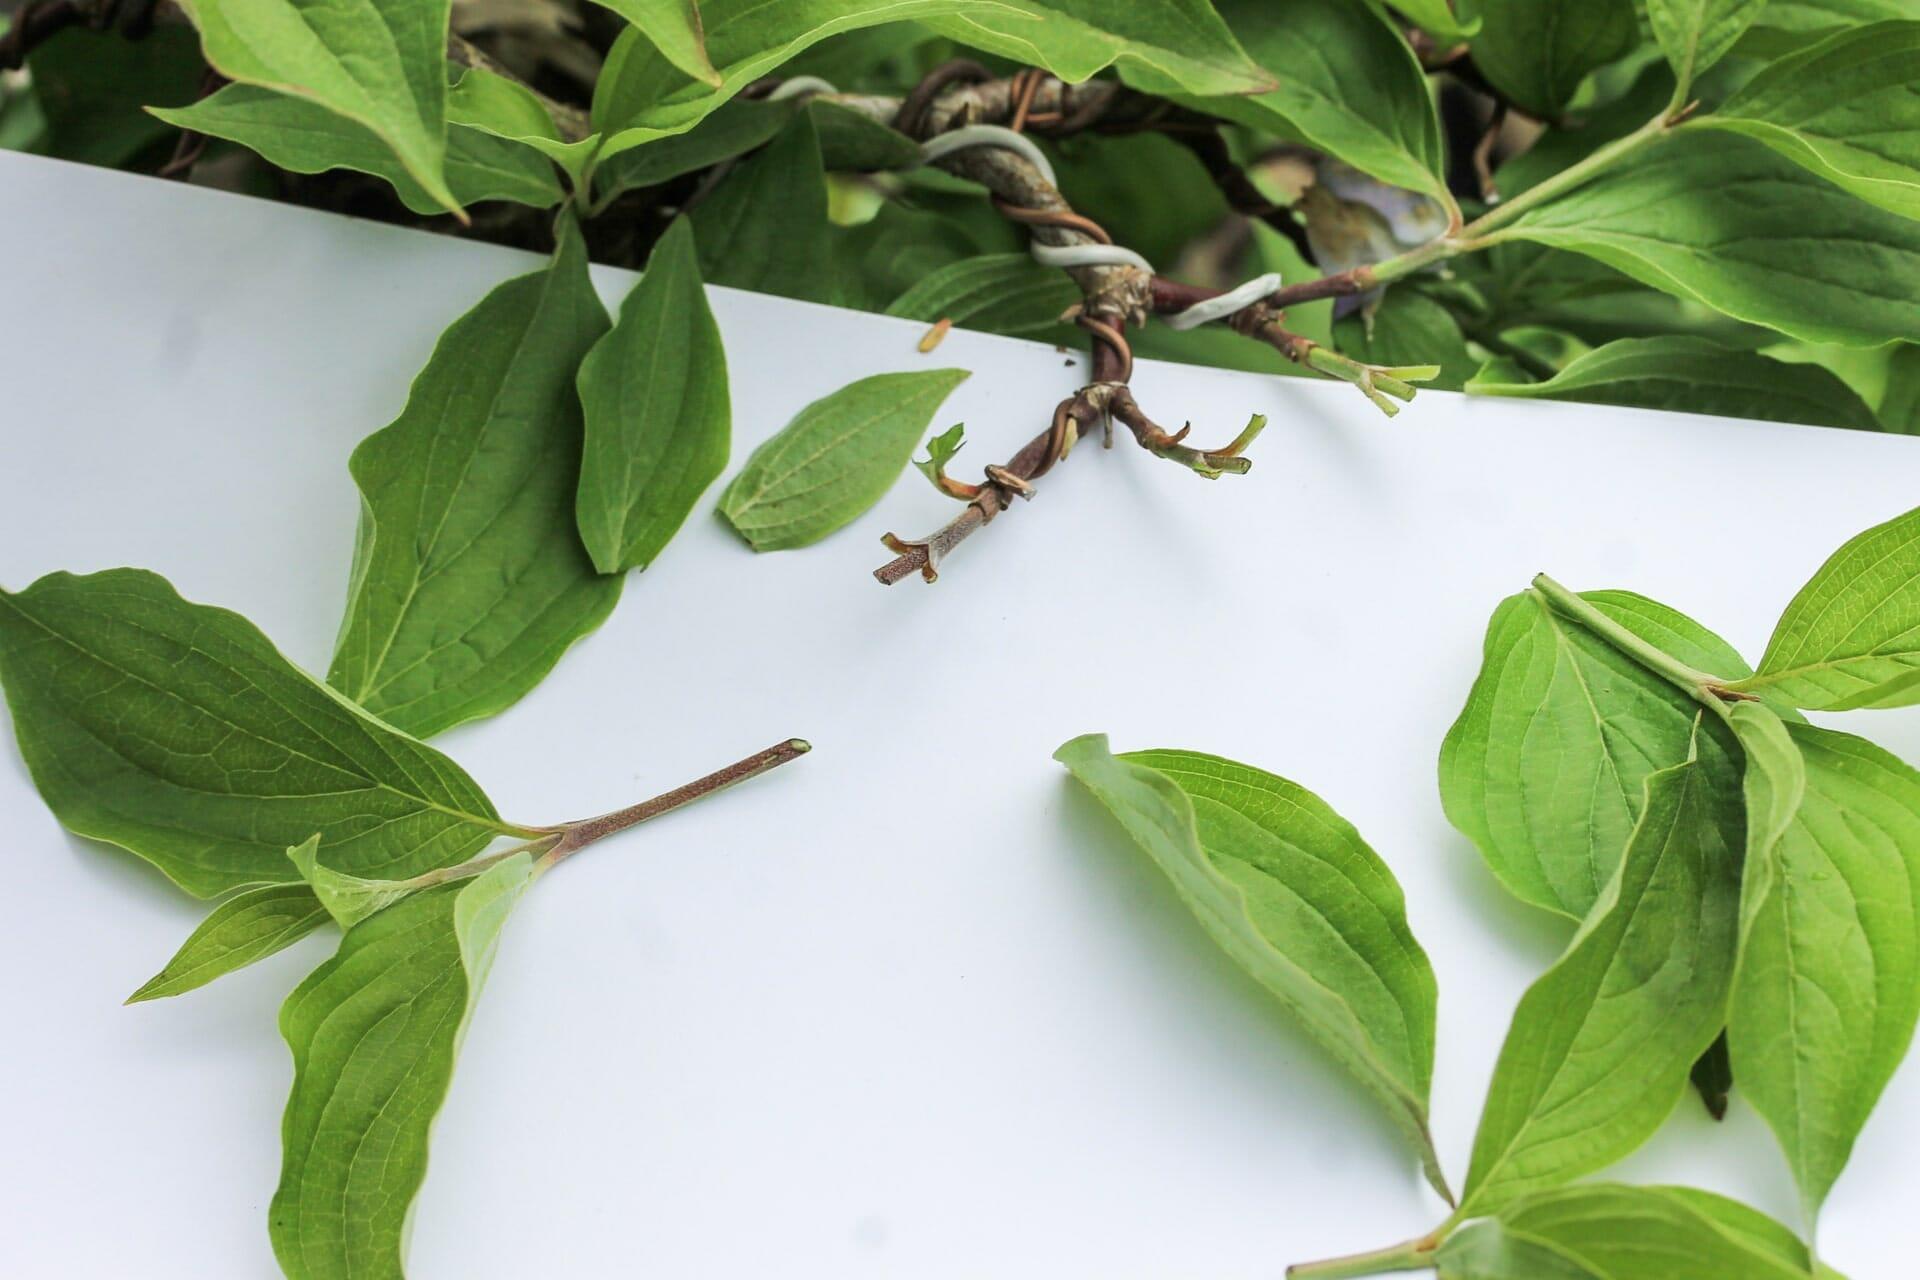 Bonsai Blattschnitt bei einer Kornelkirsche: Entlauben um die Blattgröße zu reduzieren Abbildung 5